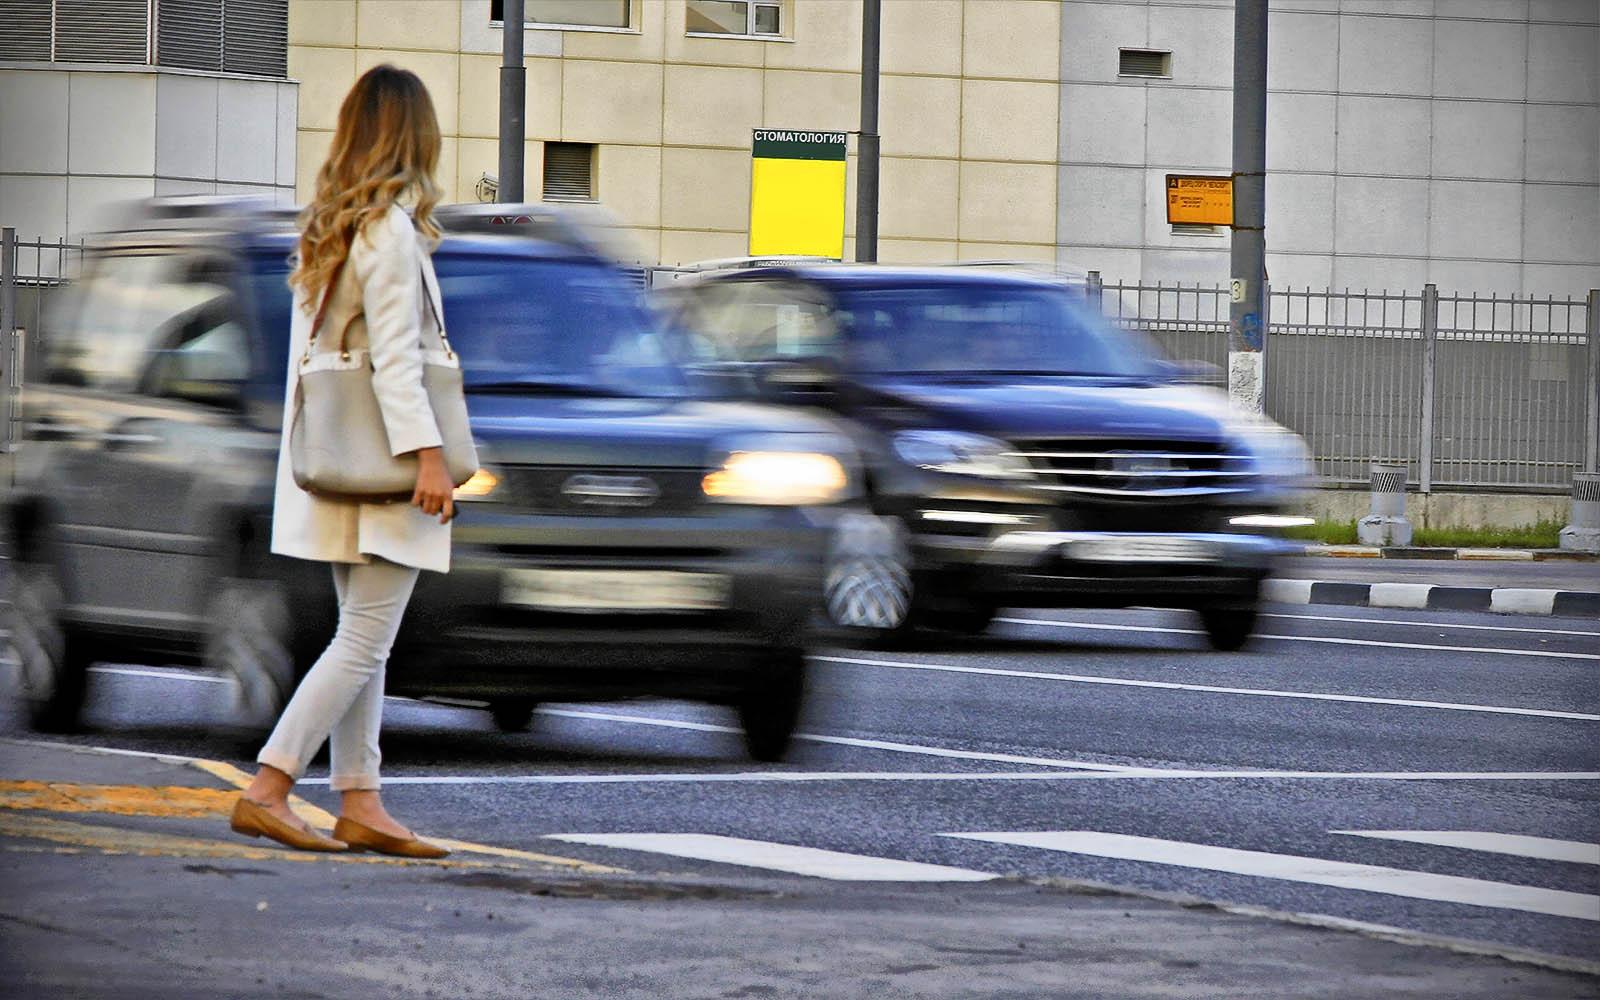 Пешеходы будут привлекаться к уголовной ответственности